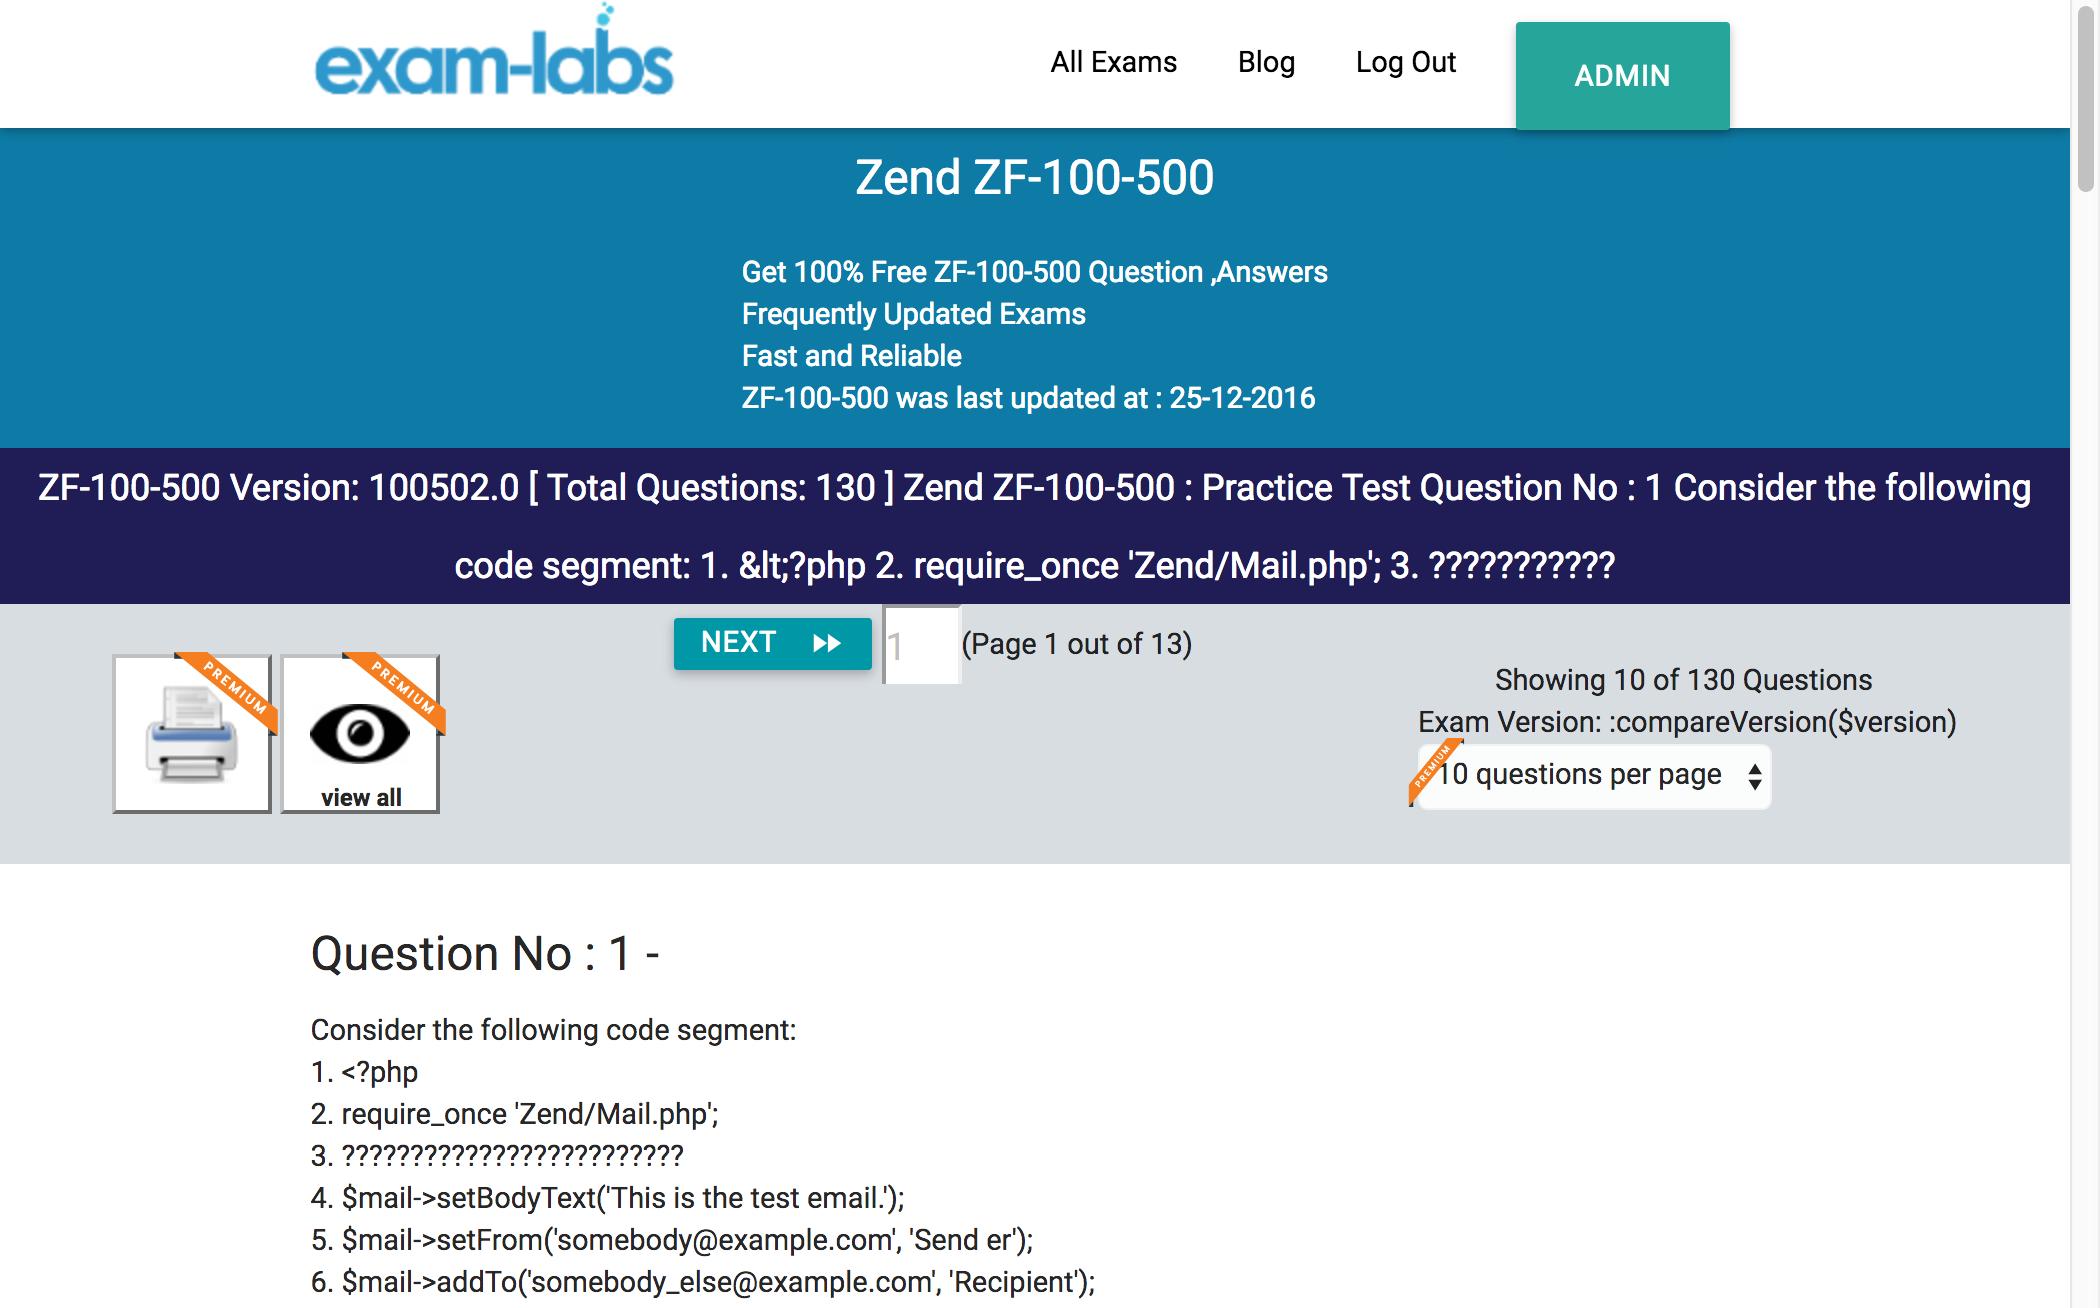 Zf 100 500_practice_exam1 png